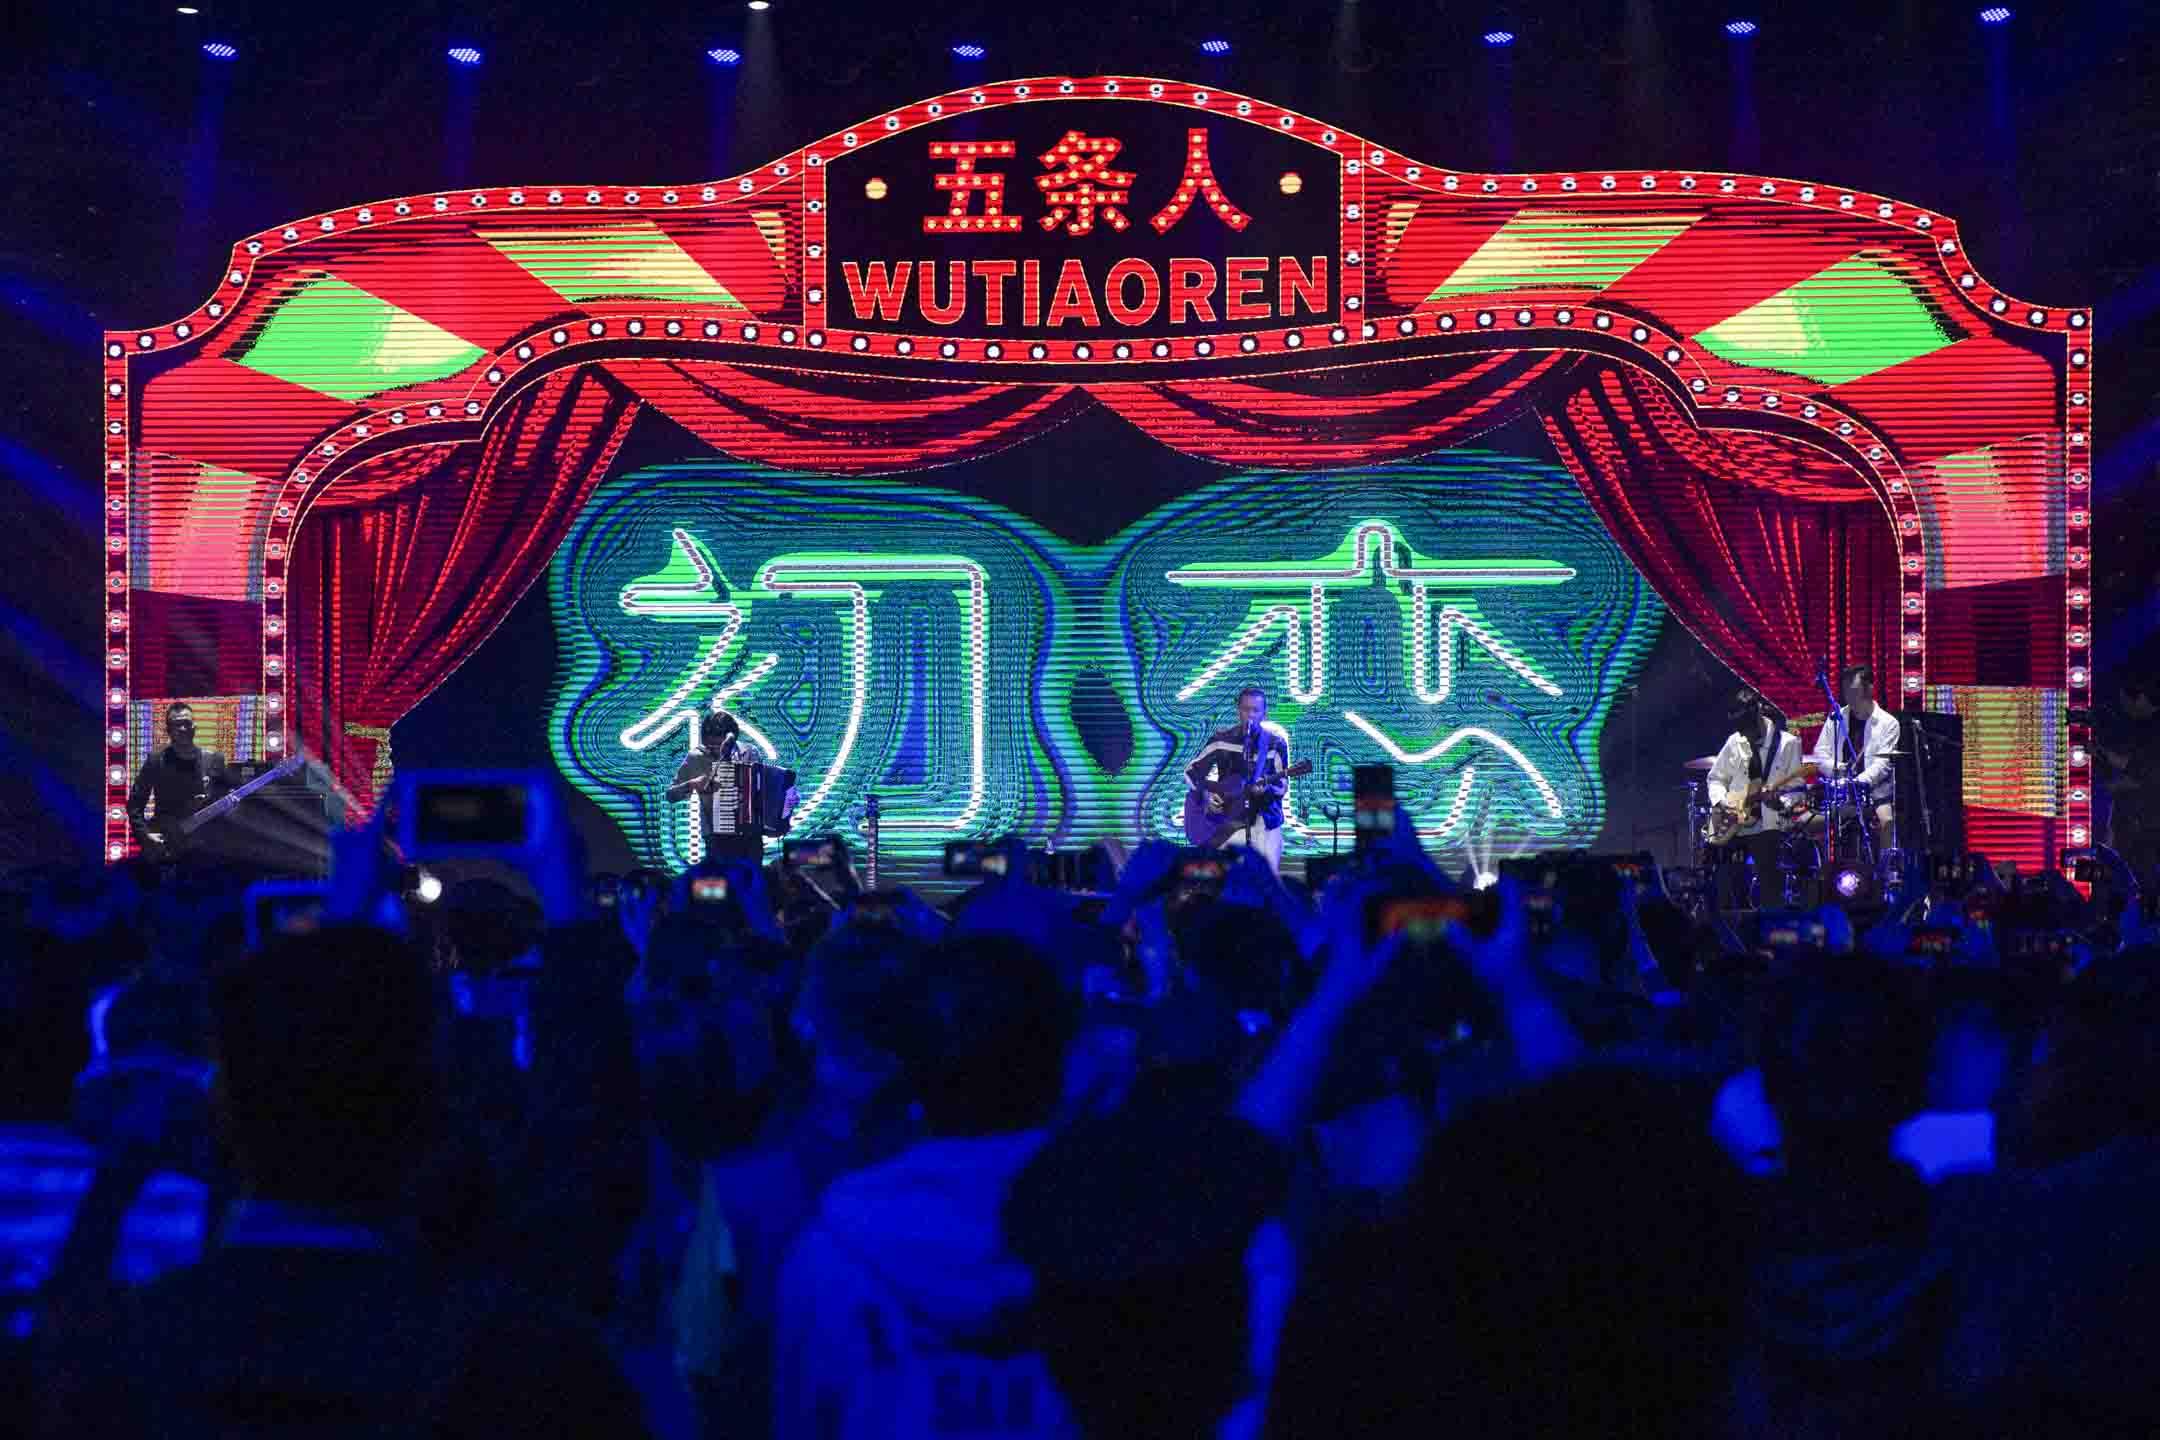 「今日全球化,明日自己耍」五條人音樂會在秦皇島的阿那亞舉行,觀眾將近四千人。 攝:Gerry/端傳媒